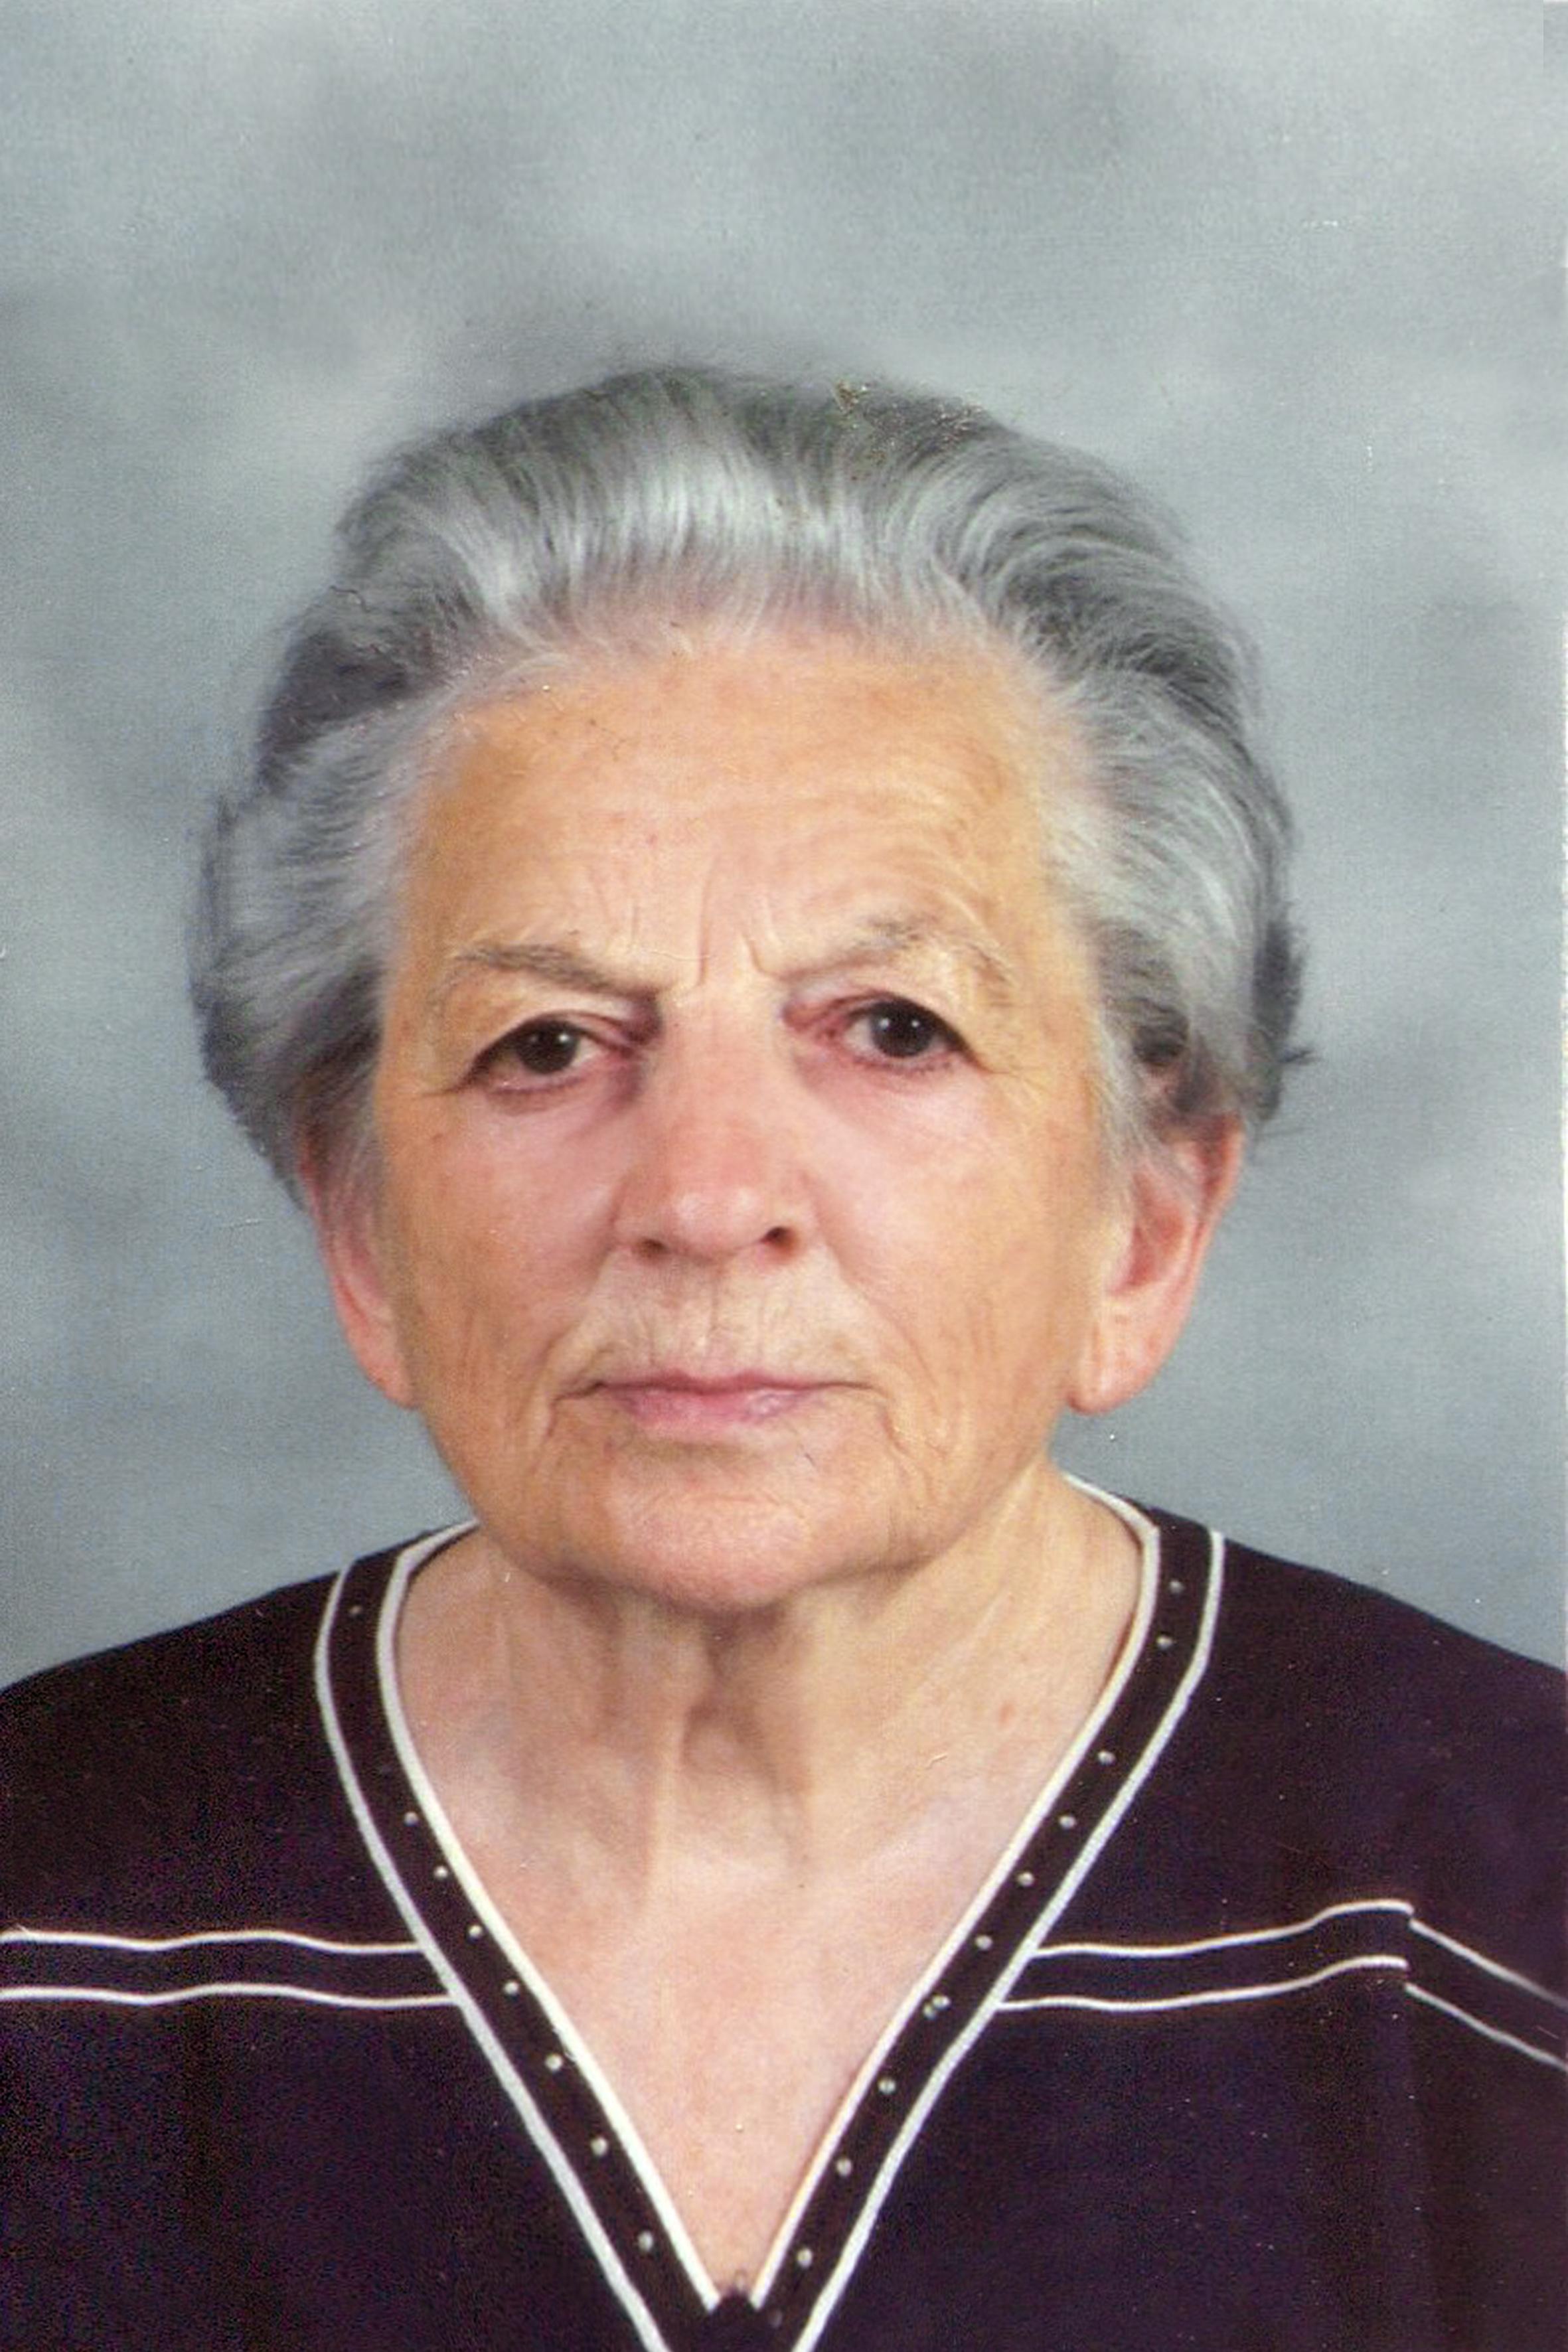 ROMANA MUSSINI